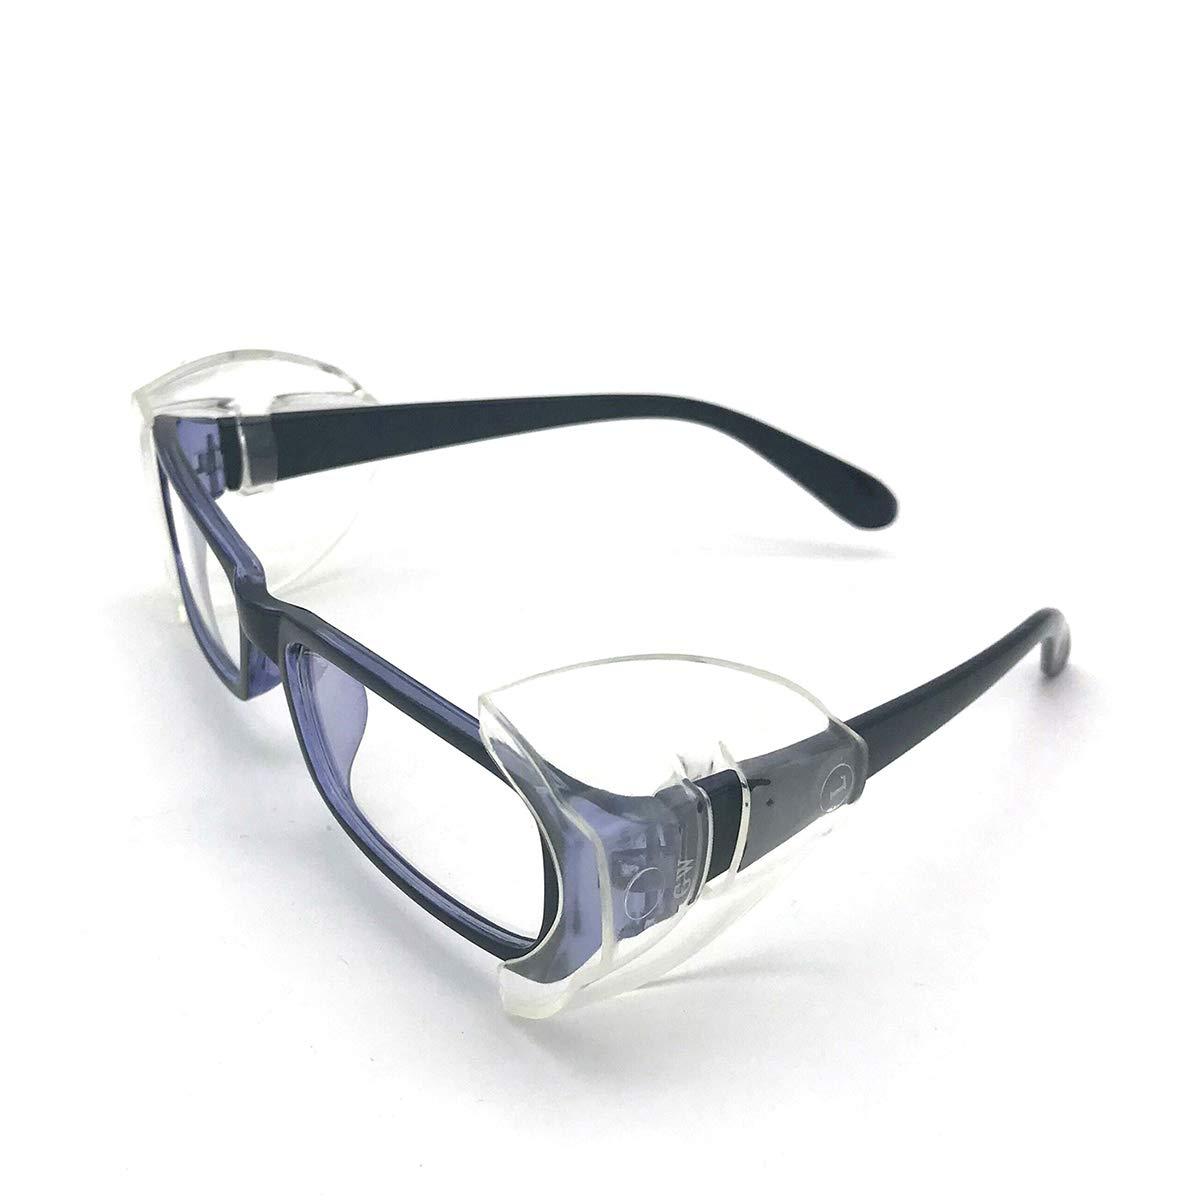 CAREOR Brillenflü gel, Anti-Rutsch auf klare Seitenschilder fü r Schutzbrille, Schutzbrille Flexible Seitenschilde- passend fü r kleine / mittlere / groß e Brillen (EINZEL HOLE-10 PC-L) CAREOR EU